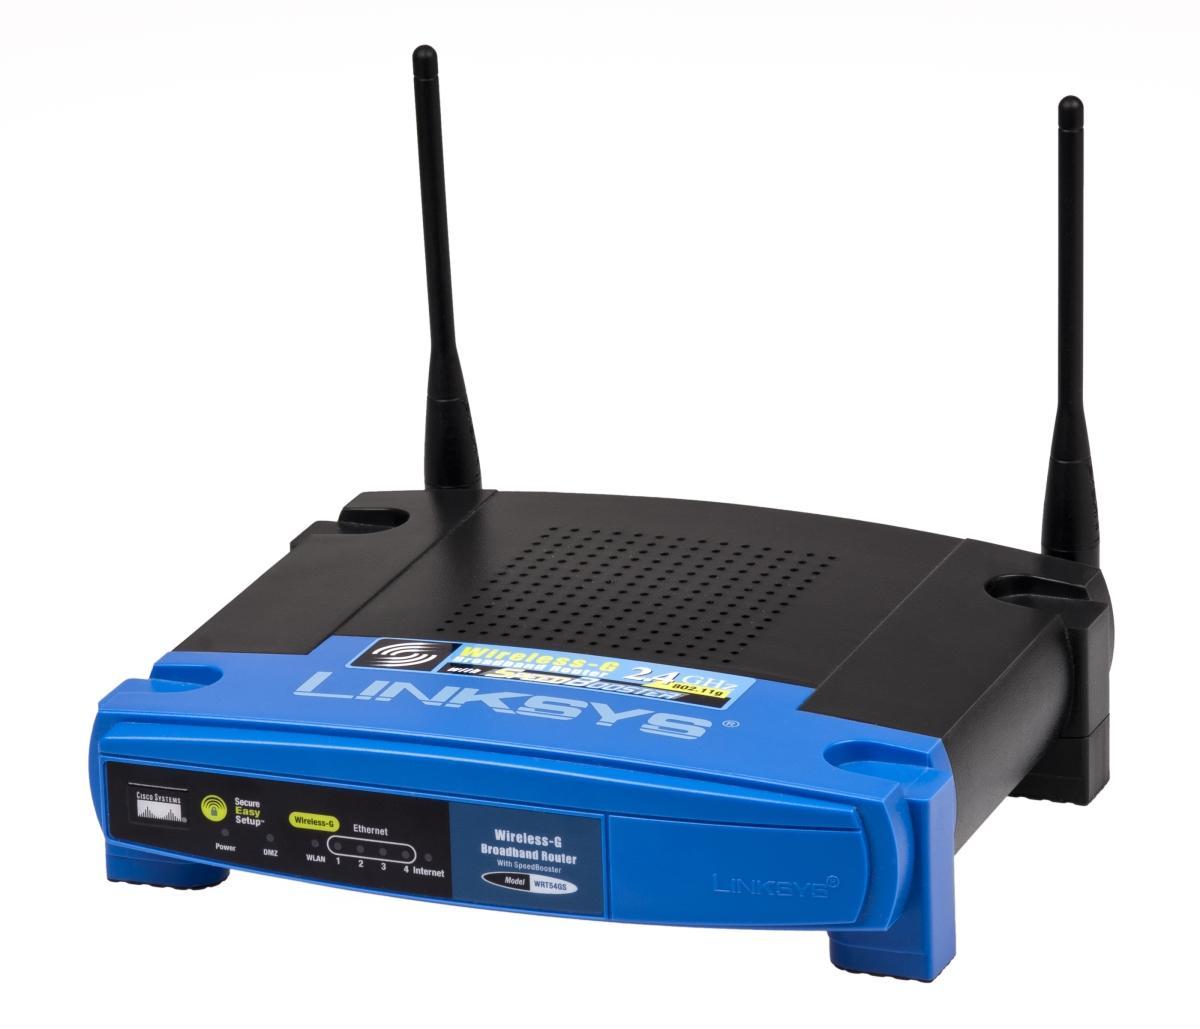 mejorar la seguridad de nuestro router